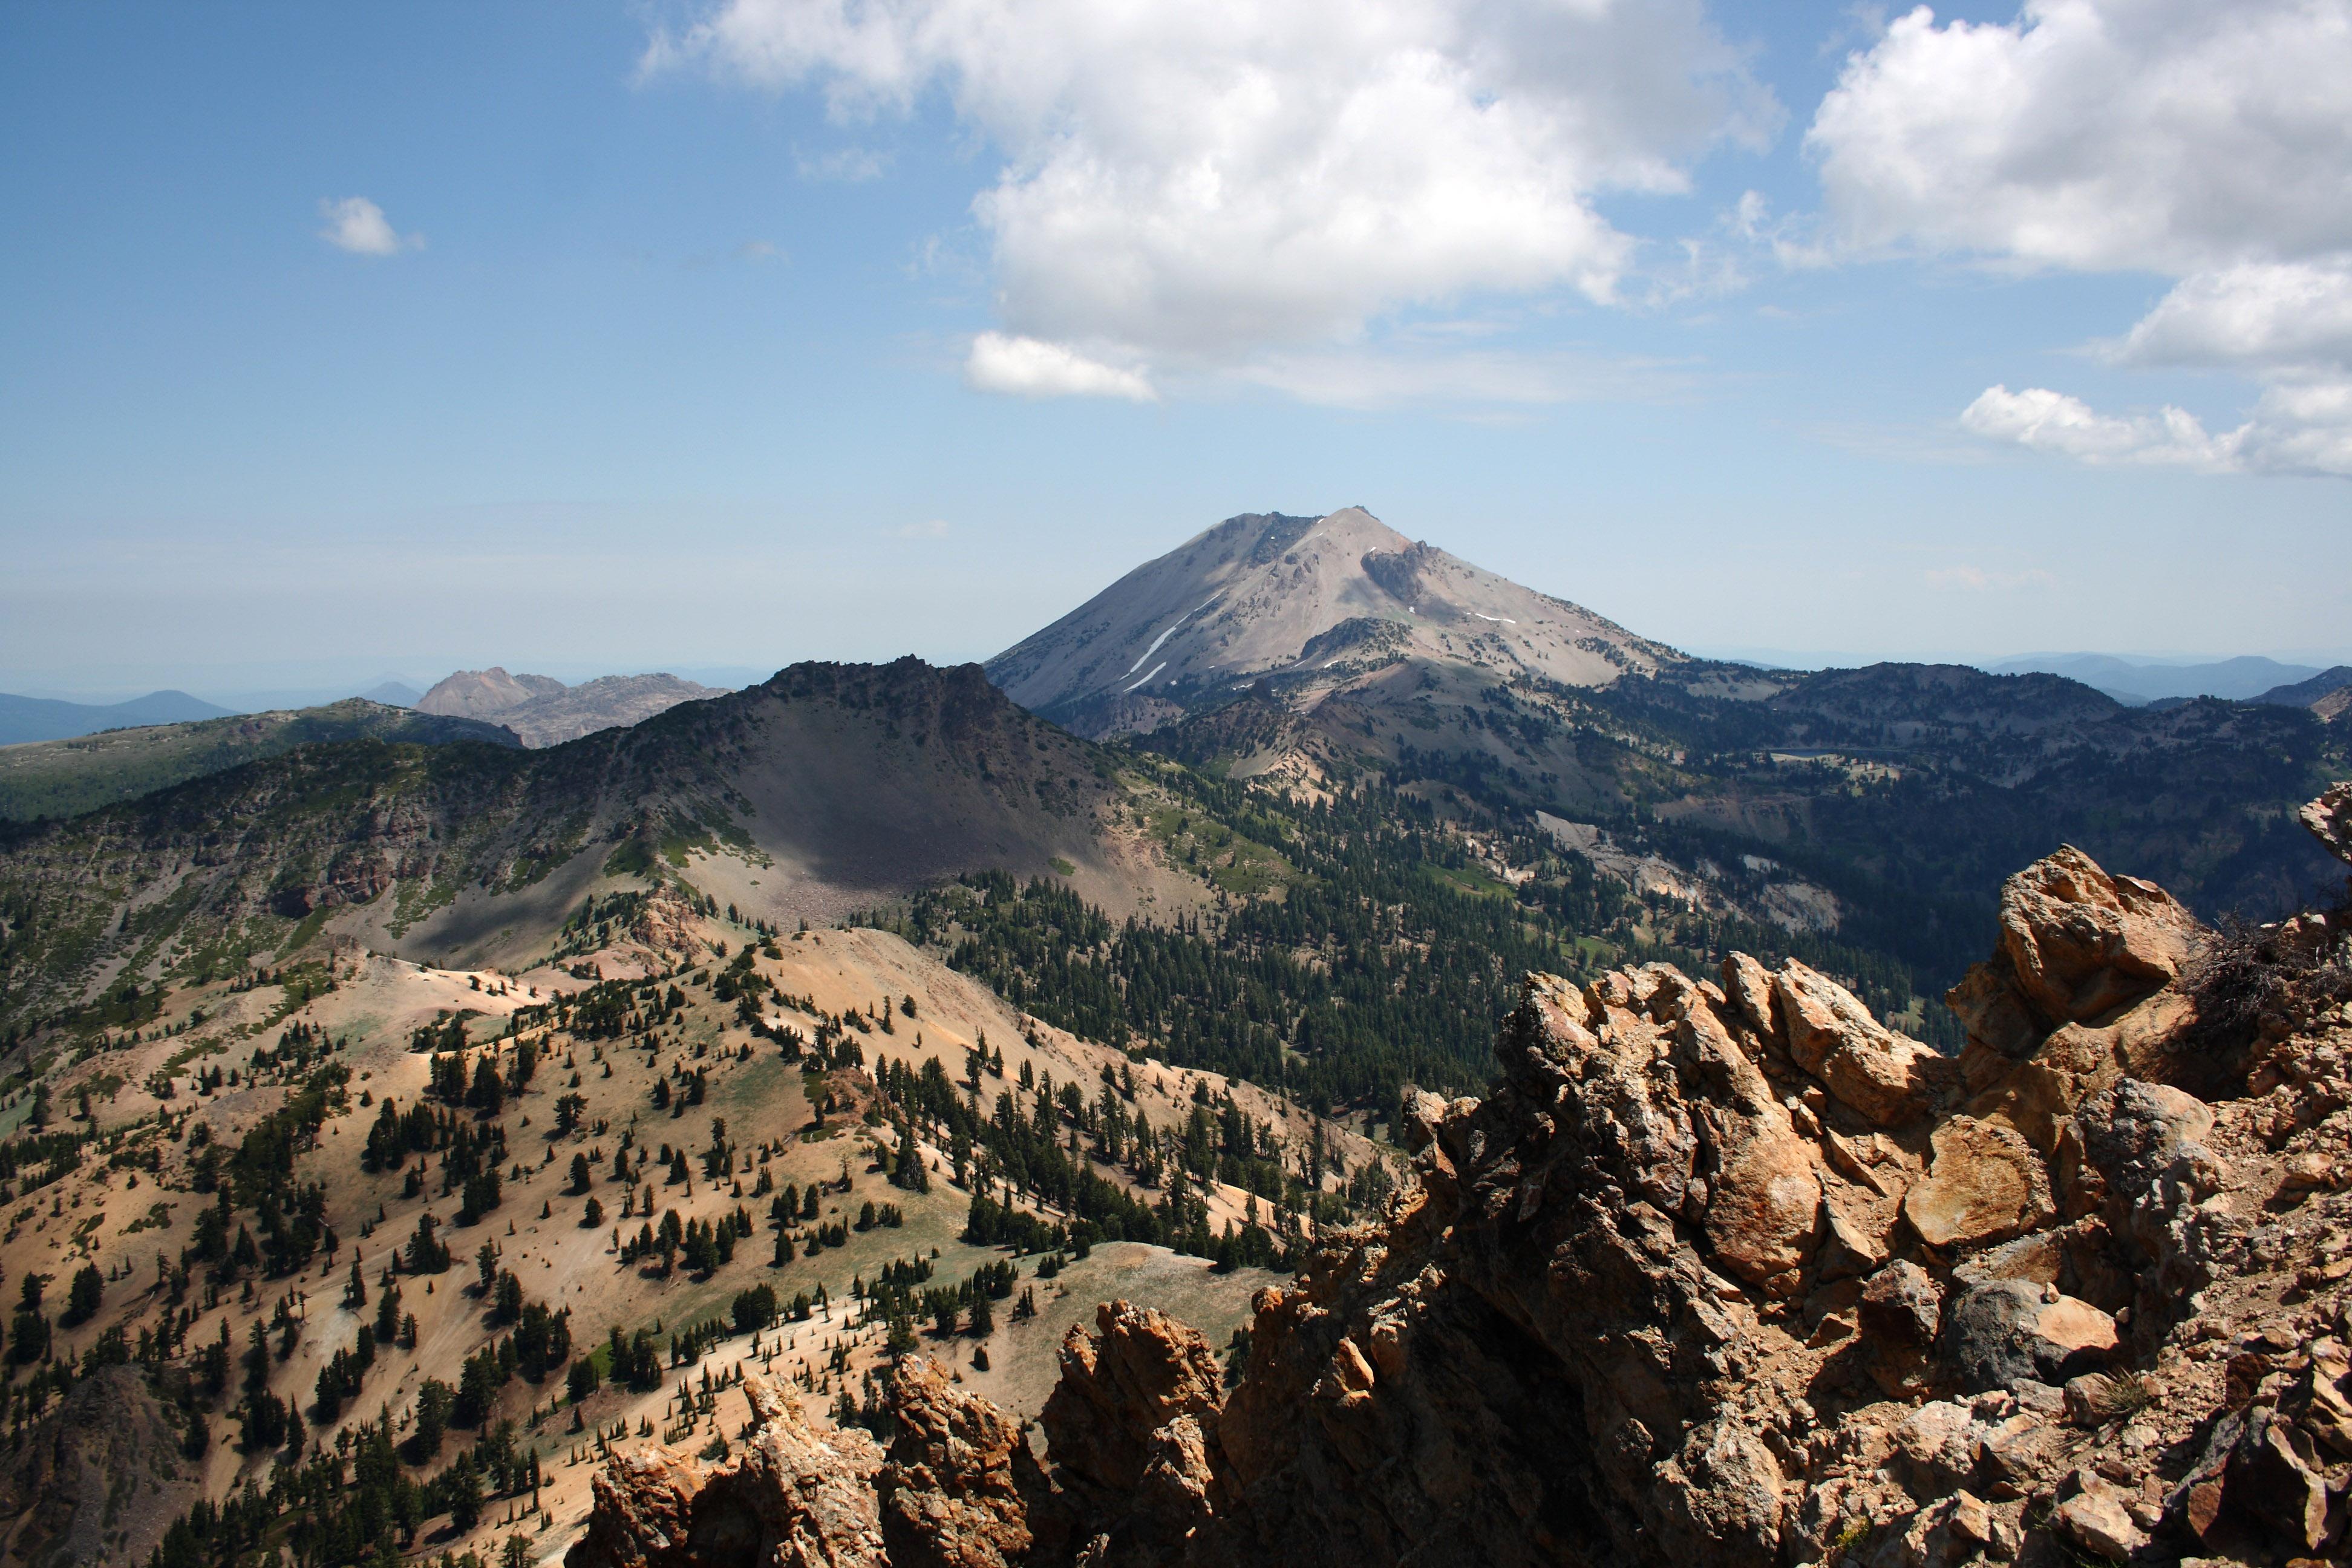 Explore Your Limits Challenge Summit Event: Lassen Volcanic National Park